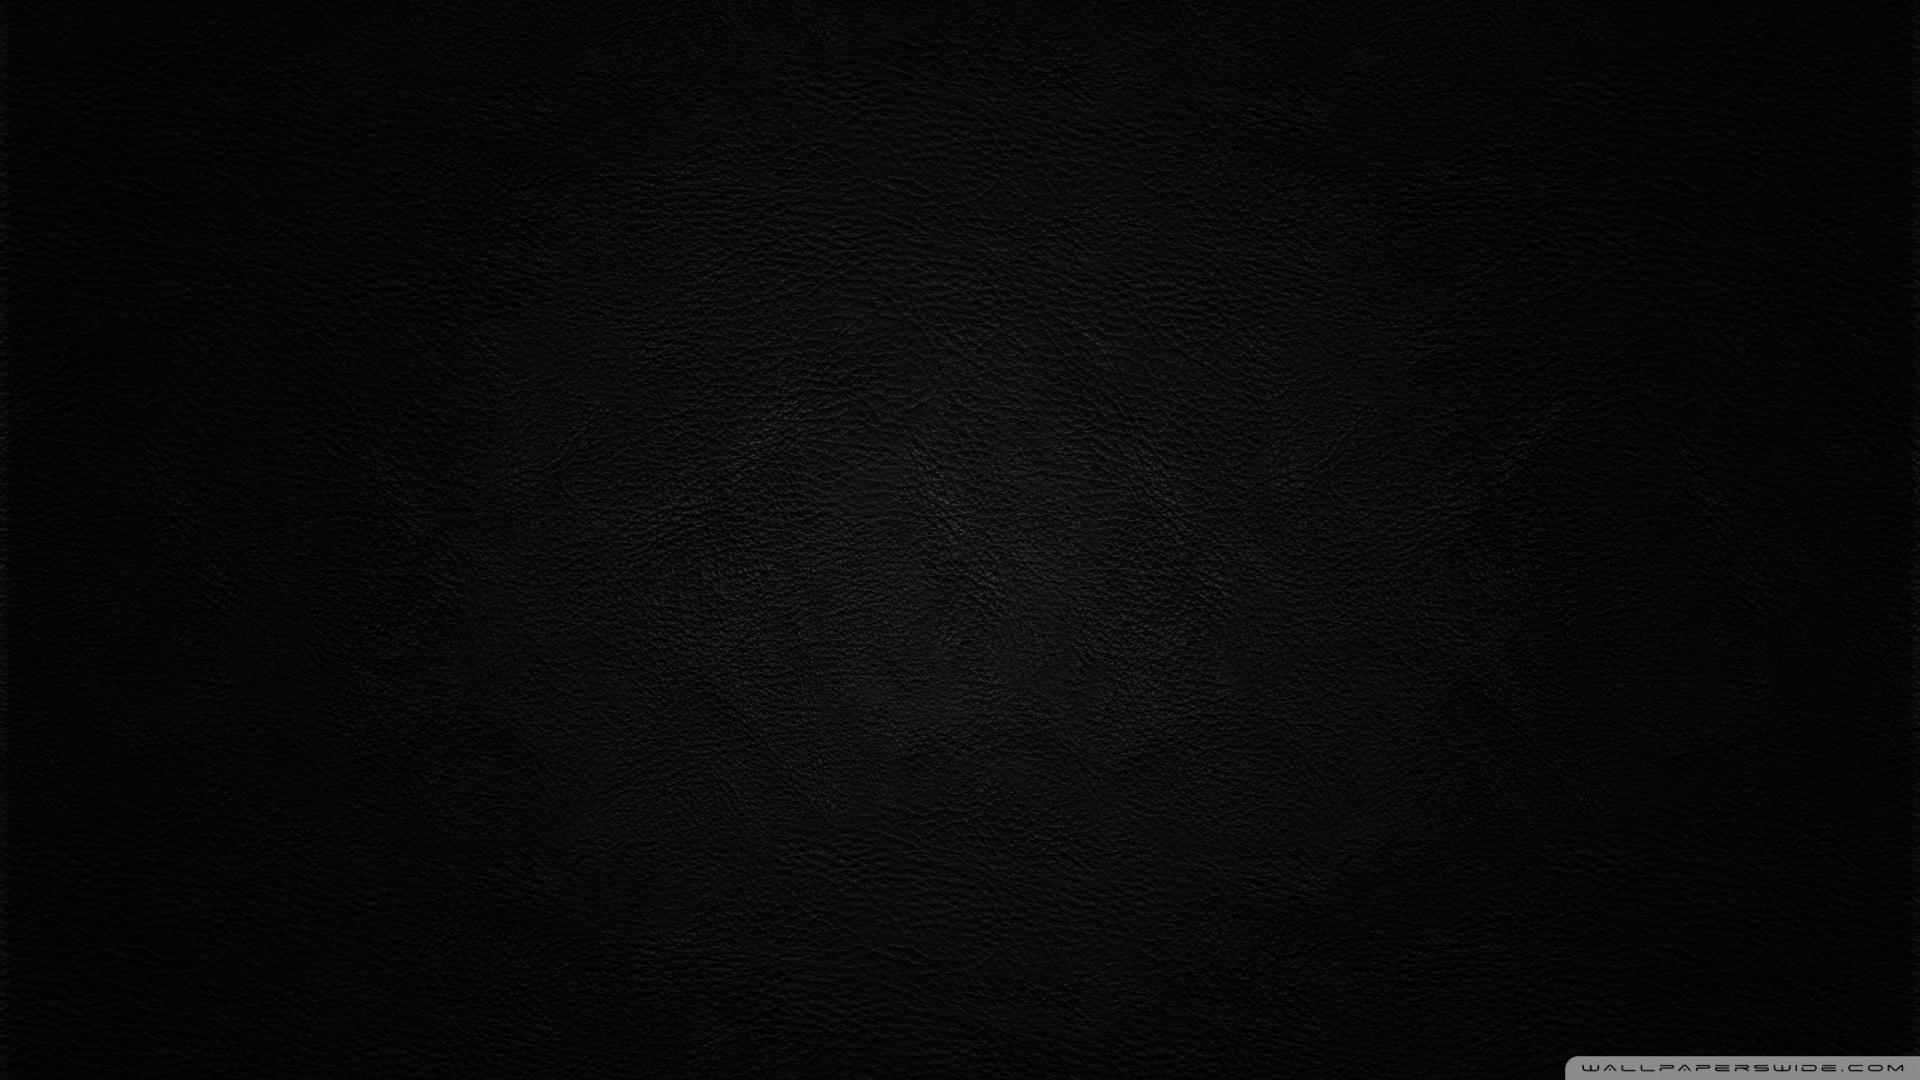 black background leather ❤ 4k hd desktop wallpaper for 4k ultra